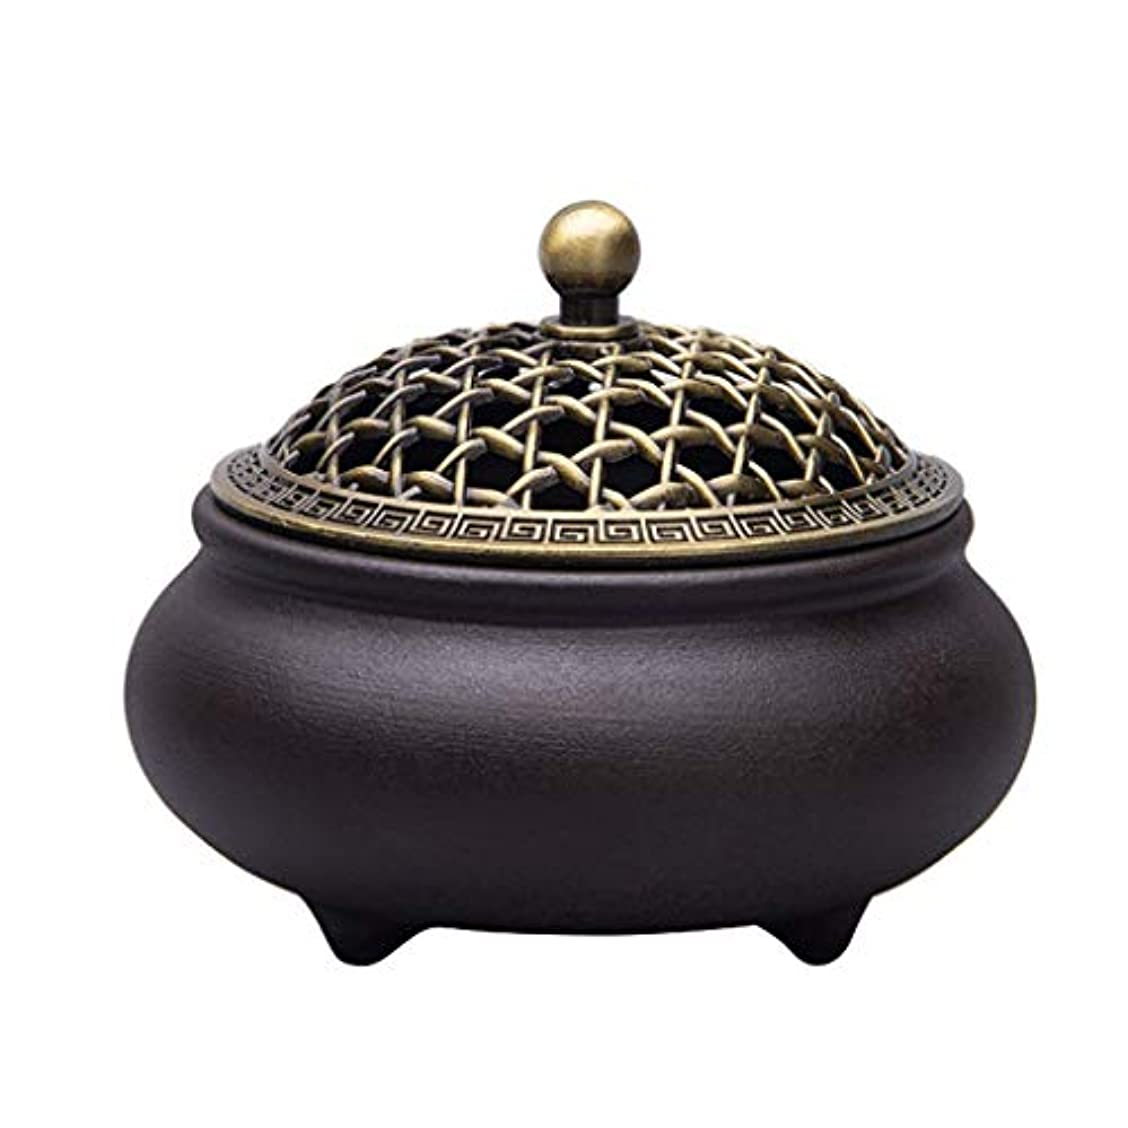 ぎこちない粘り強いつば芳香器?アロマバーナー セラミック香炉3本足アロマテラピー炉ホームインテリア装飾品 アロマバーナー芳香器 (Color : A)